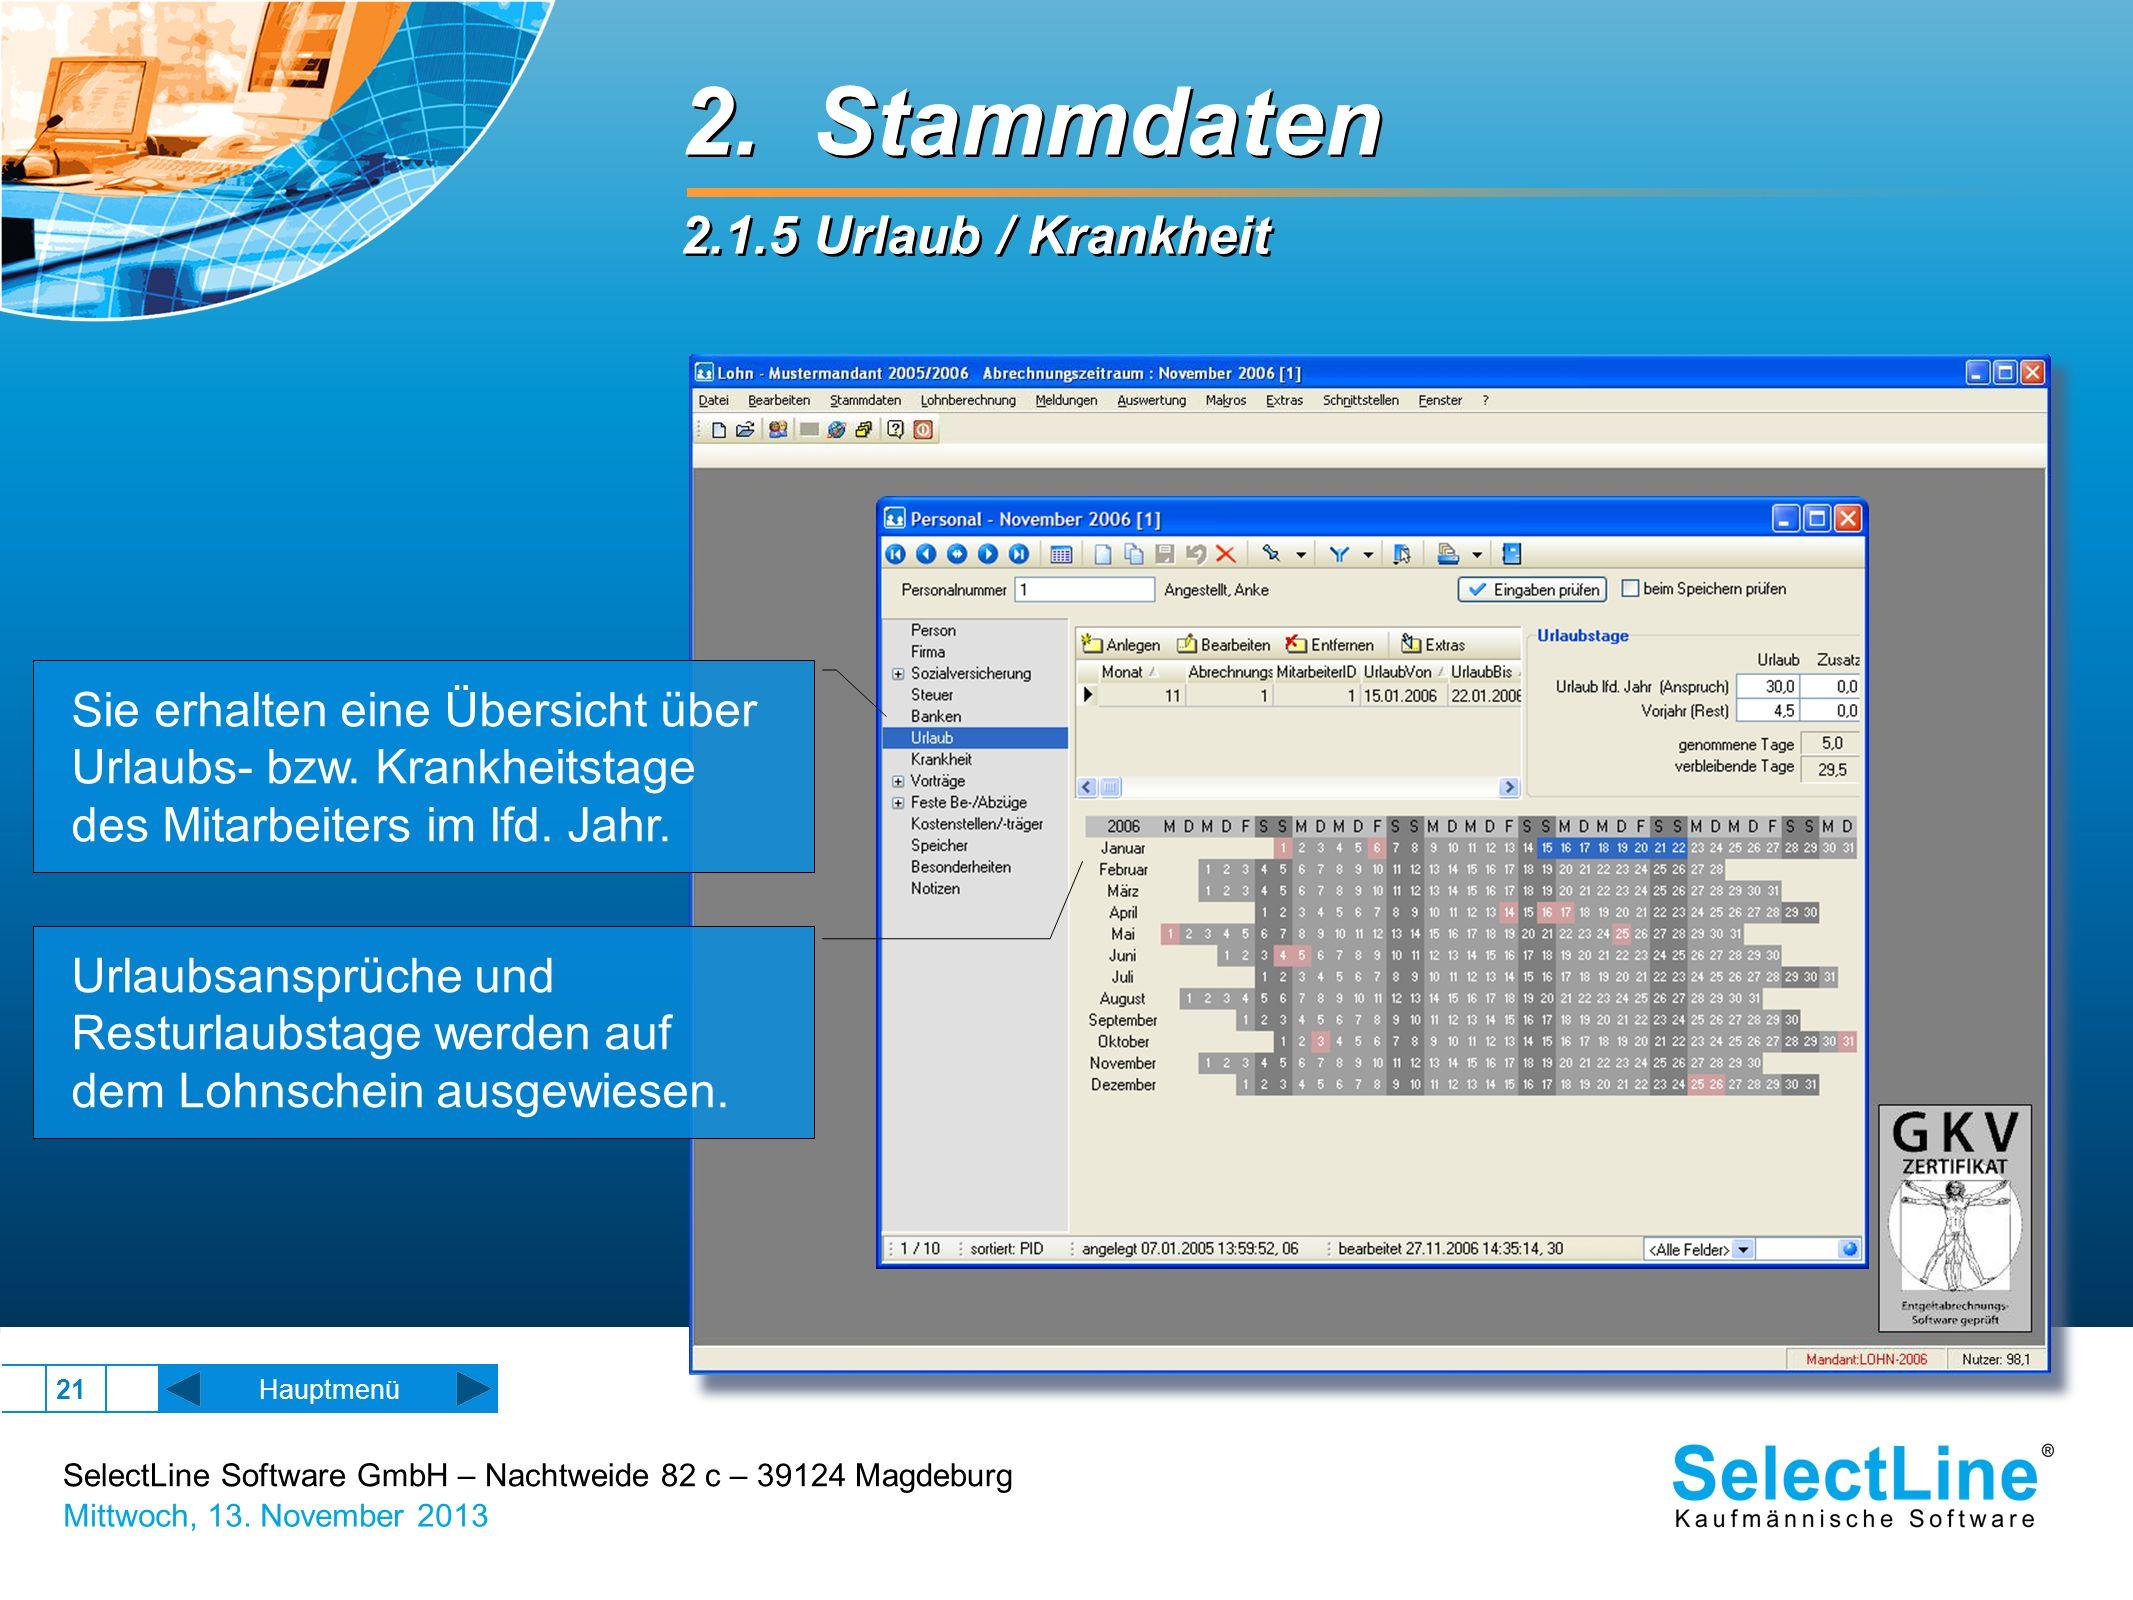 SelectLine Software GmbH – Nachtweide 82 c – 39124 Magdeburg Mittwoch, 13. November 2013 21 2. Stammdaten 2.1.5 Urlaub / Krankheit 2. Stammdaten 2.1.5